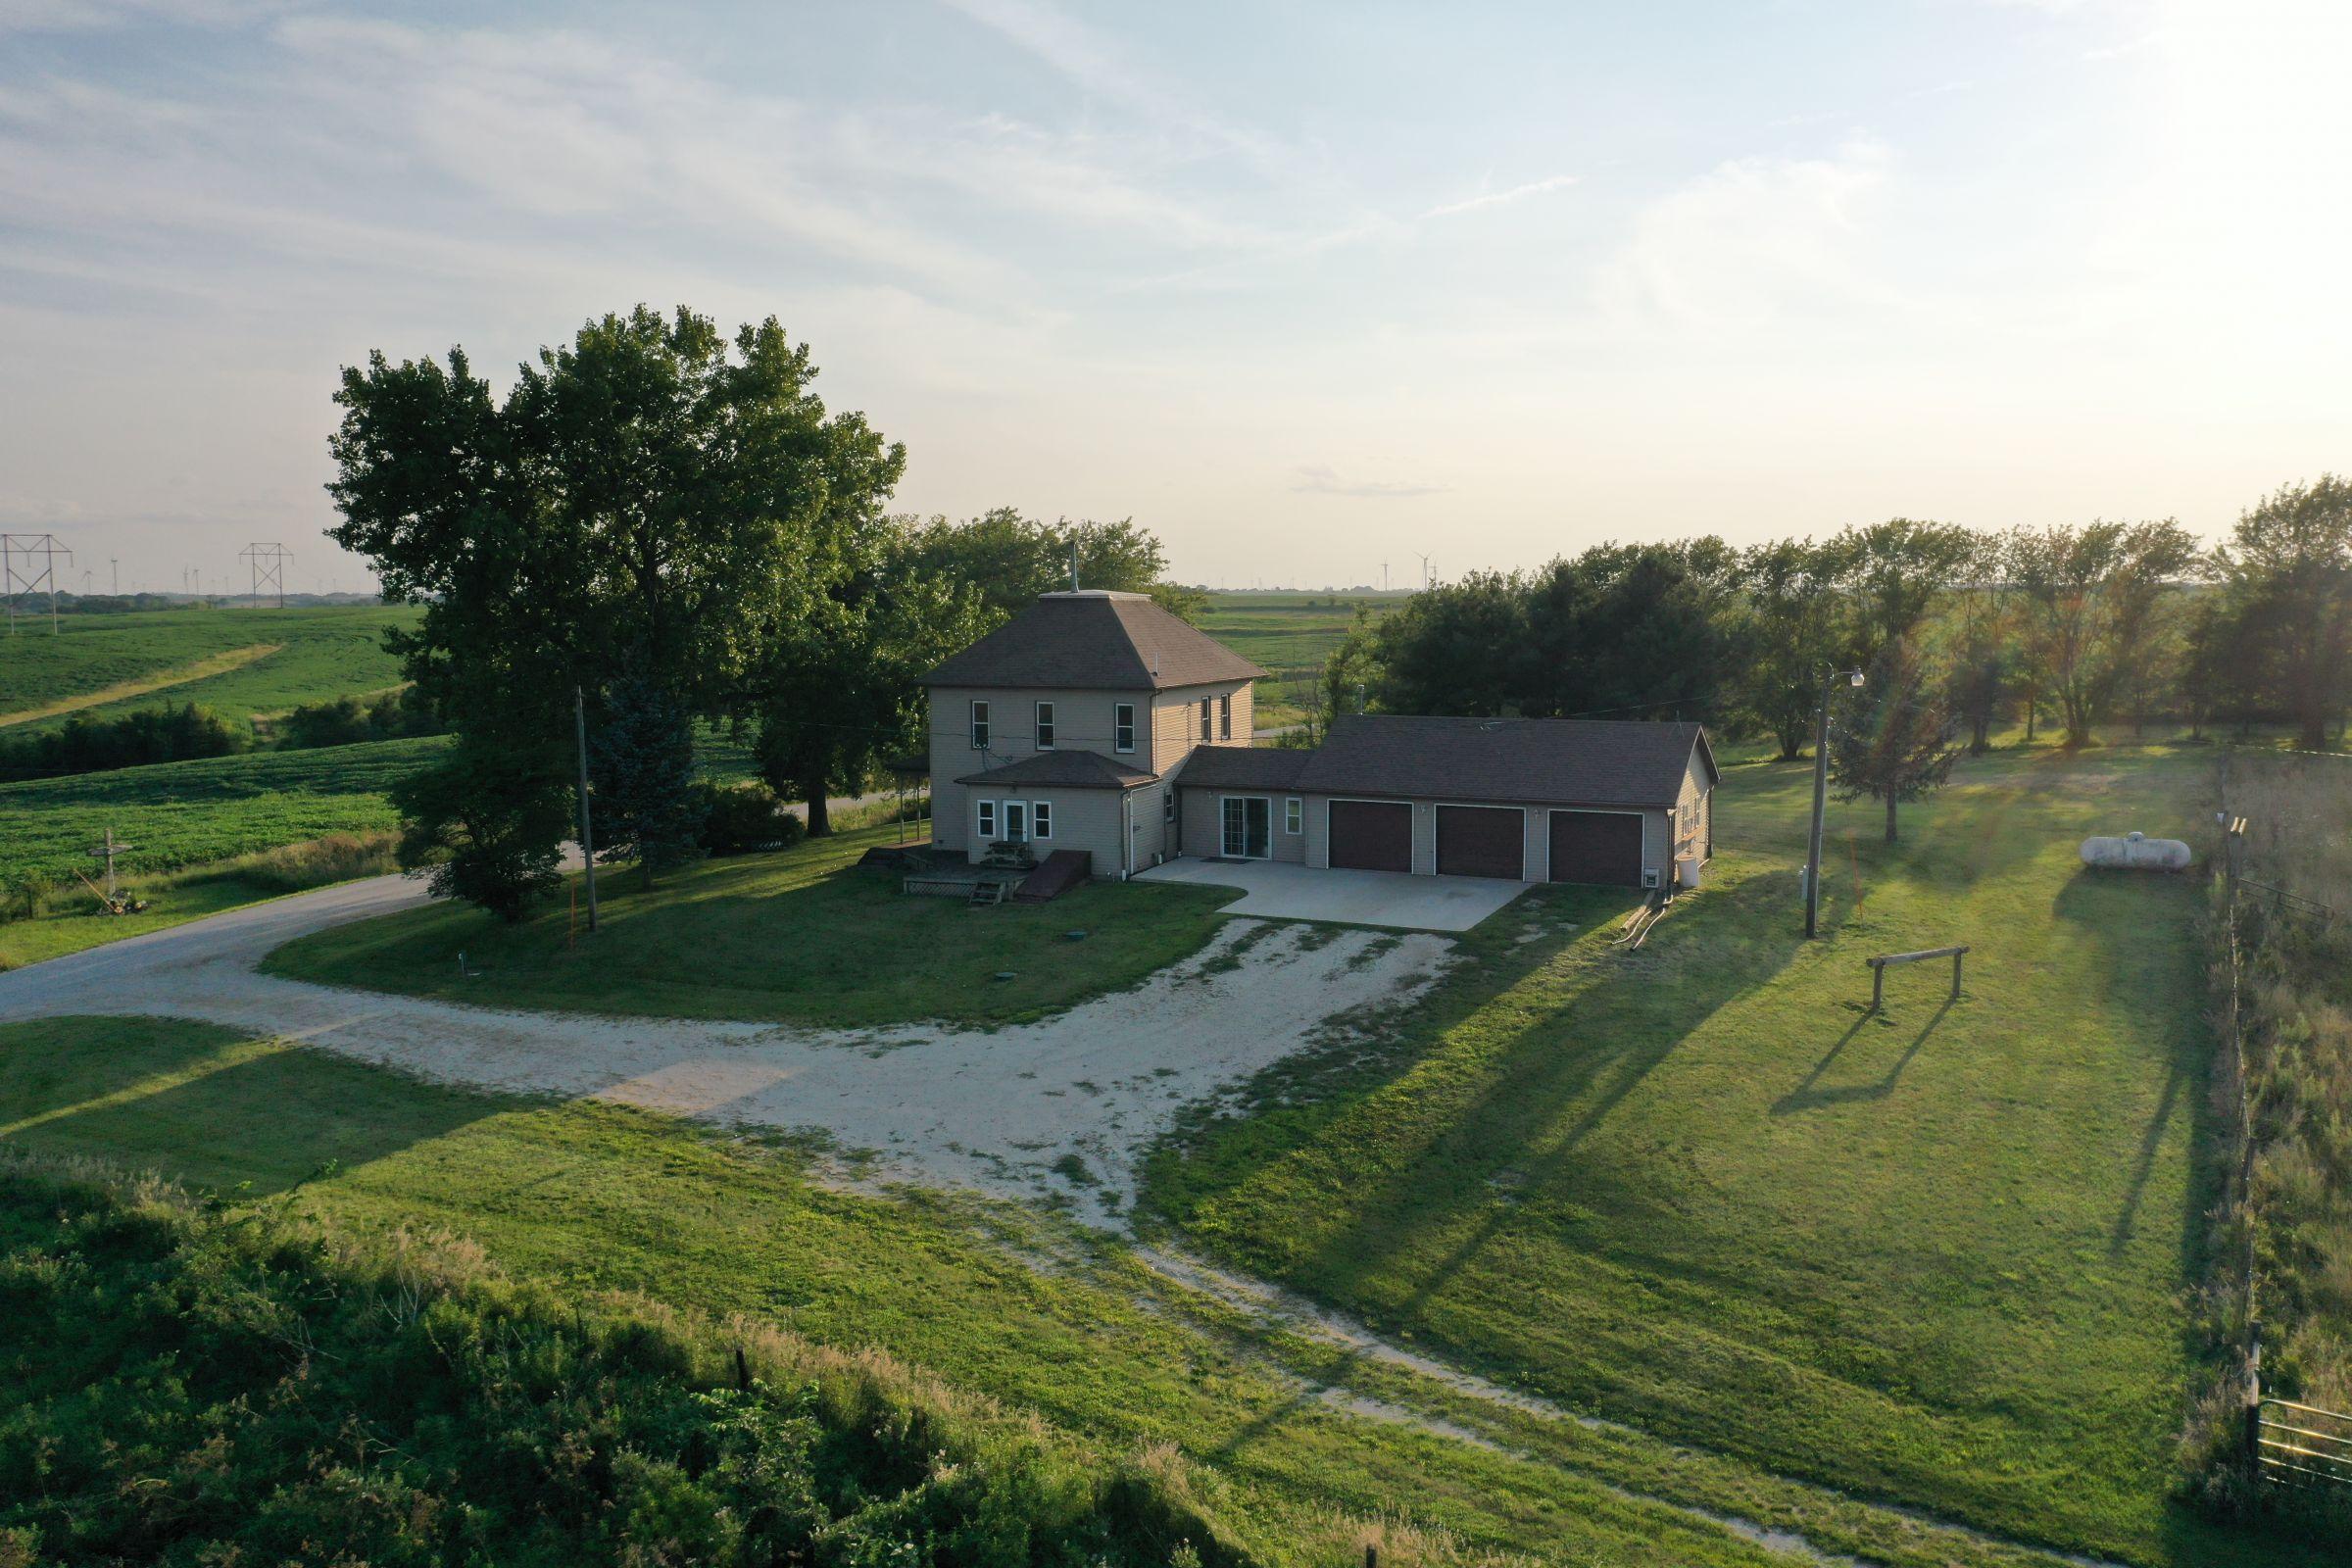 residential-adair-county-iowa-6-acres-listing-number-15664-6-2021-08-04-193351.JPG